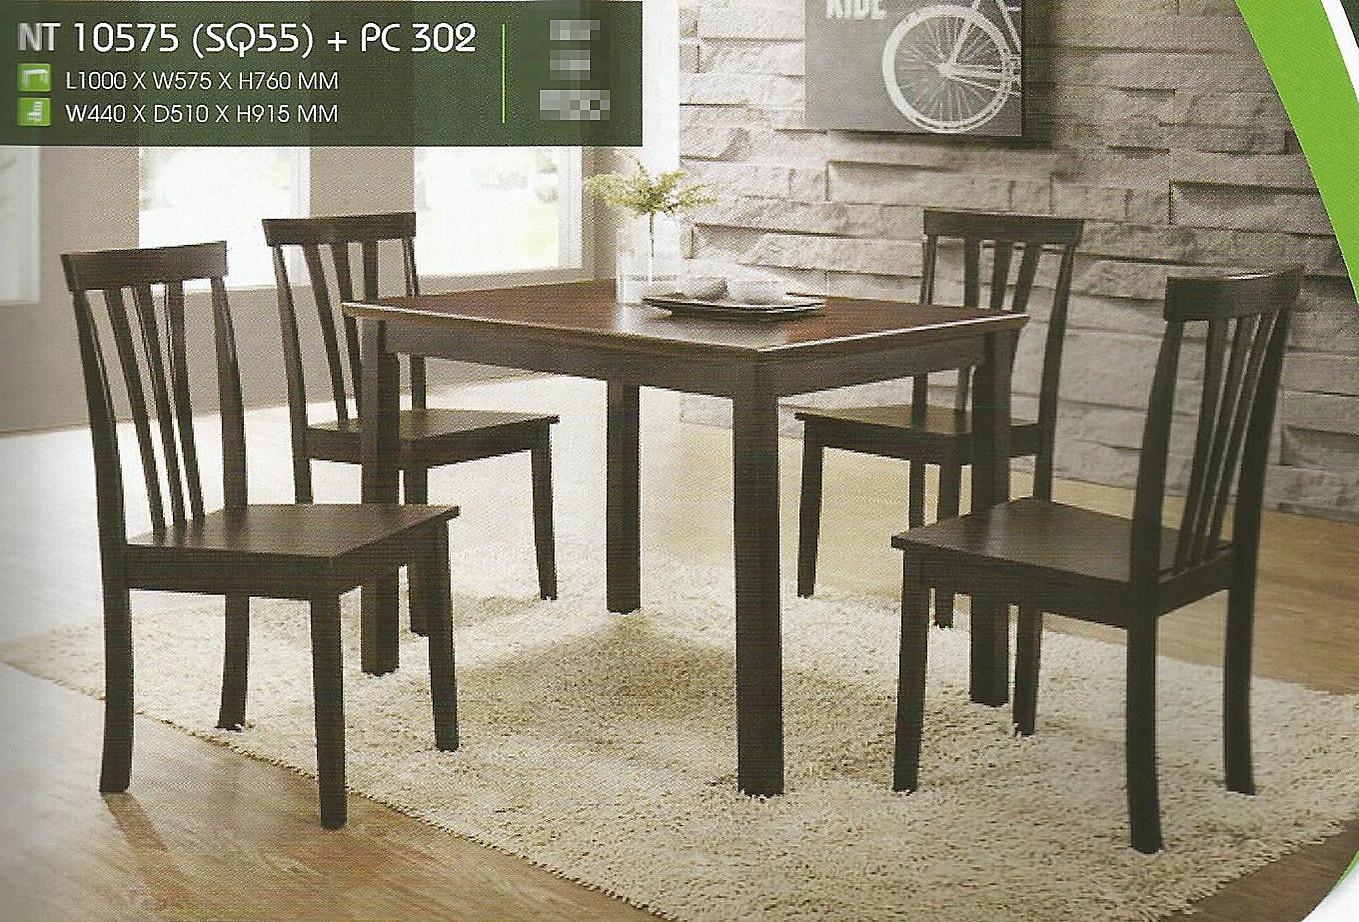 Set Murah Meja Makan 4 Kerusi Model Nt10575 Home Furniture On Carou